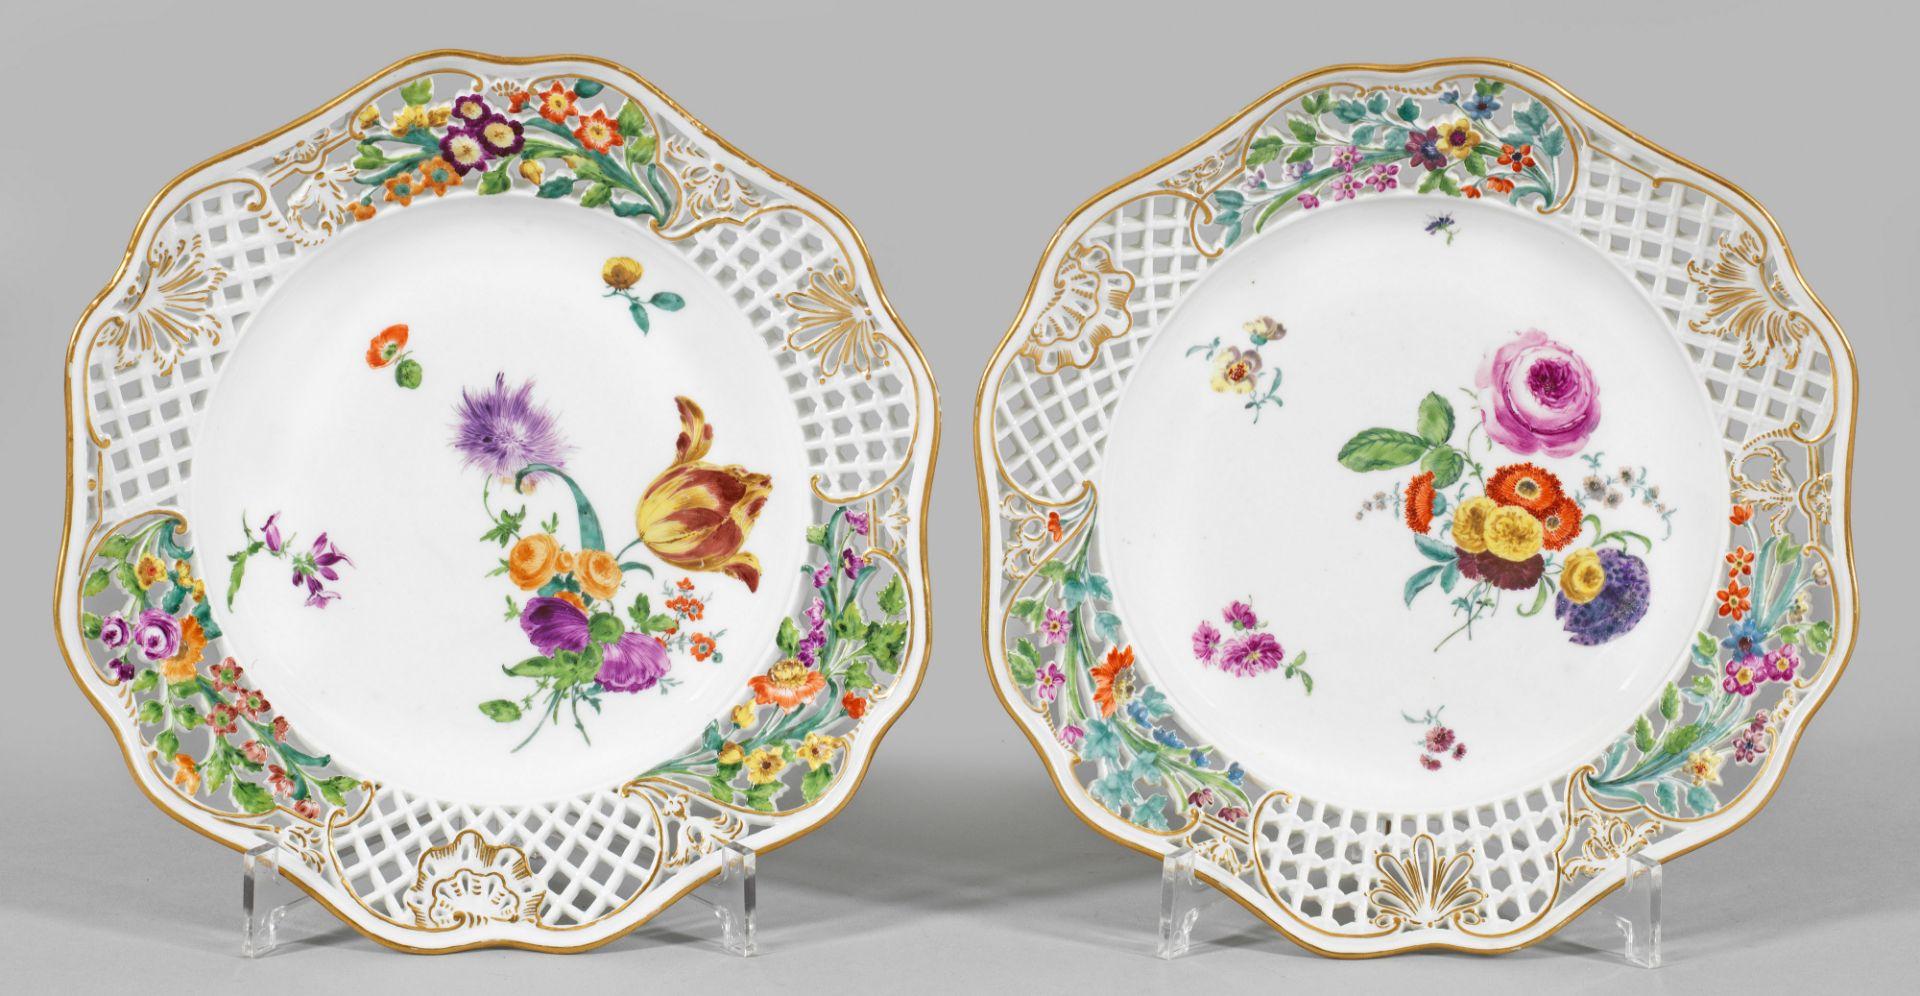 """Paar Dessertteller mit Dekor """"Brühl'scher Durchbruch"""" - Bild 2 aus 2"""